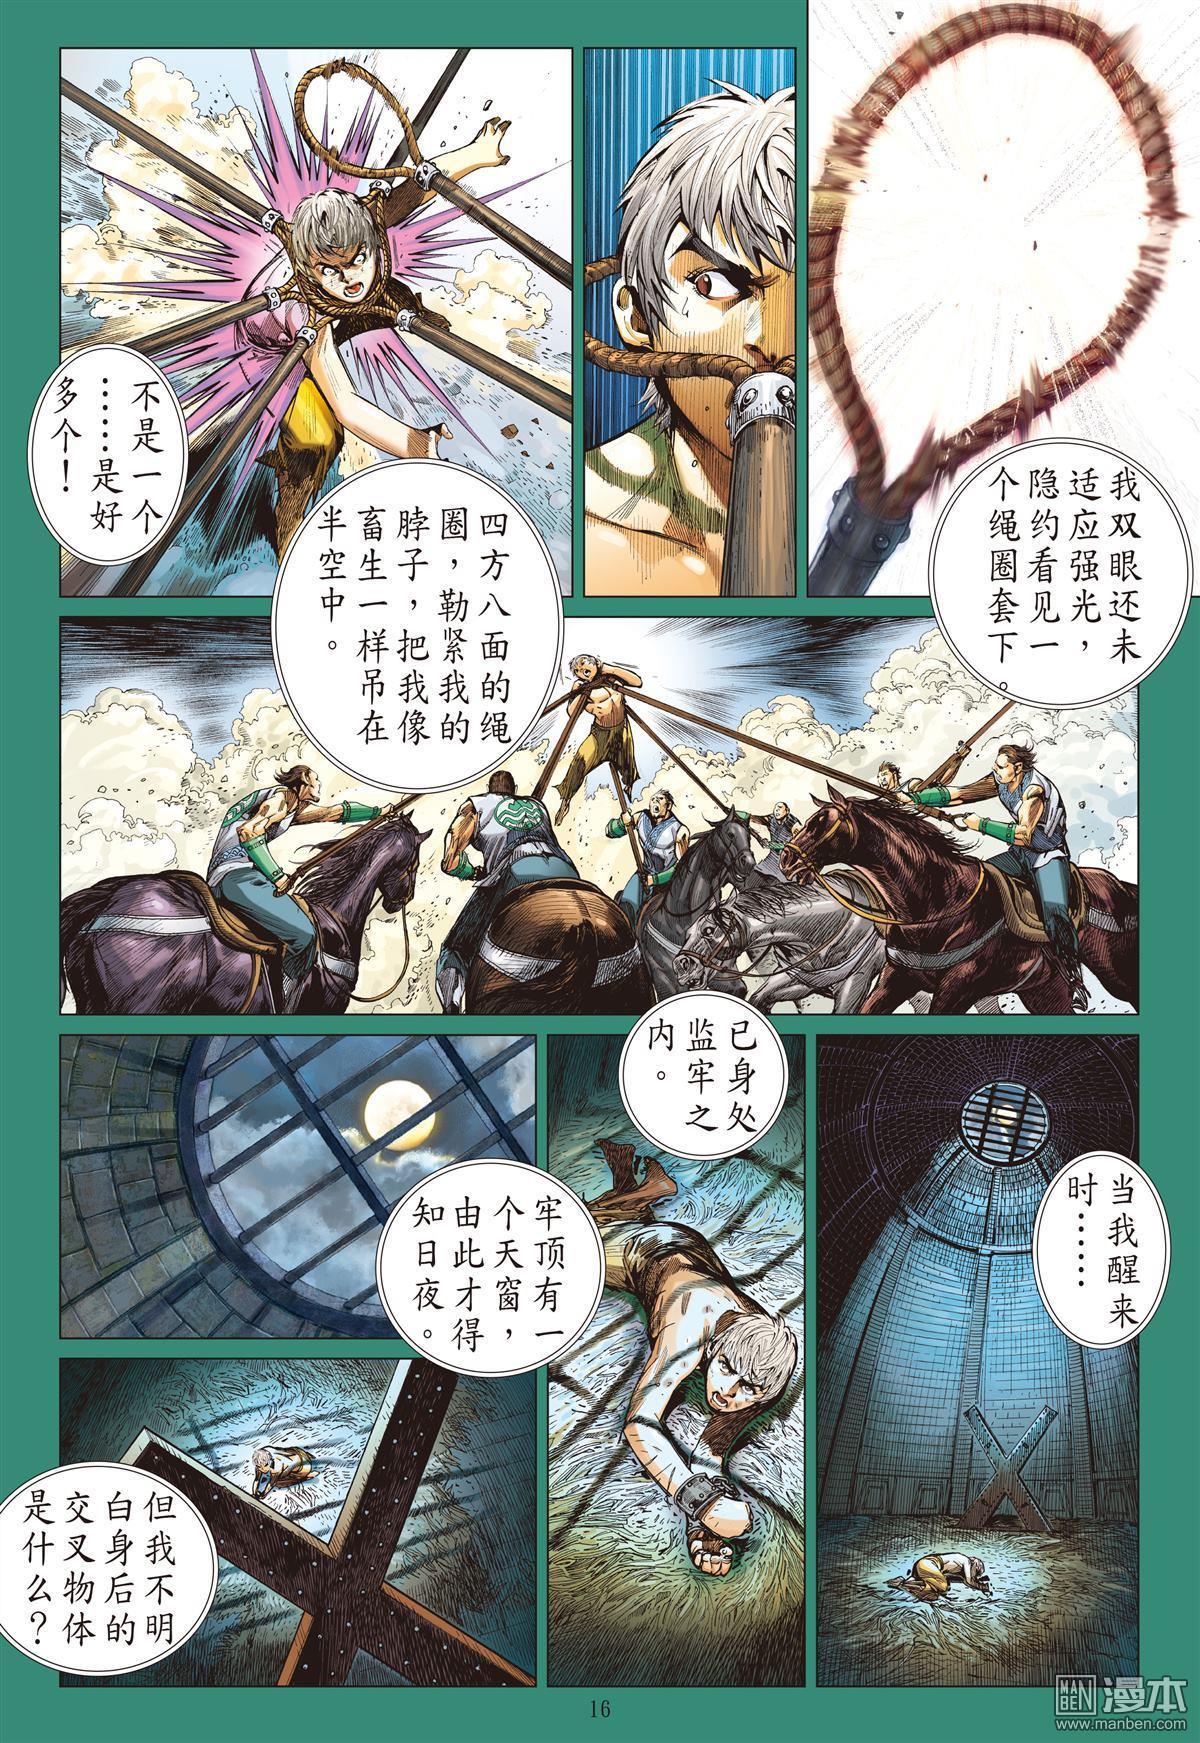 山海逆戰漫畫第23回 相聚一刻(上)(第1頁)劇情-二次元動漫